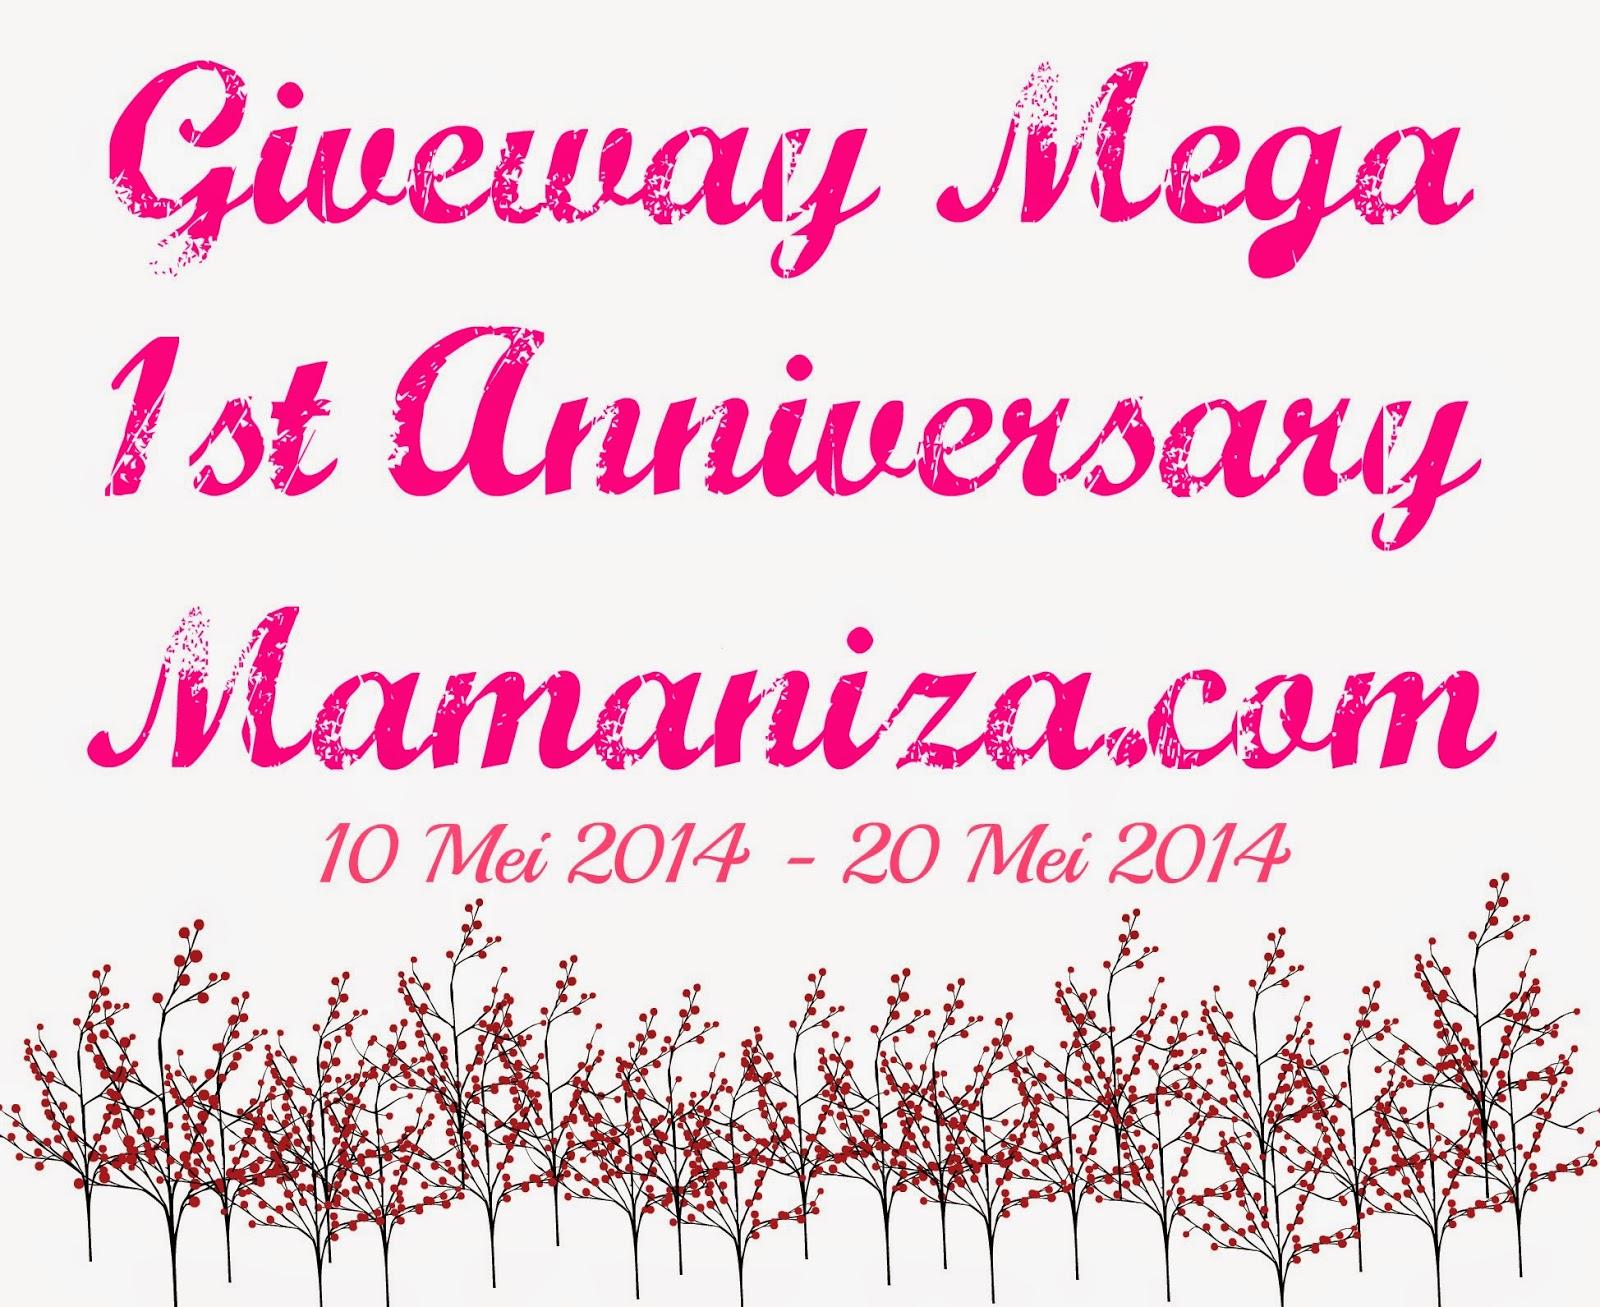 http://www.mamaniza.com/2014/05/giveway-mega-1st-anniversary-mamanizacom.html